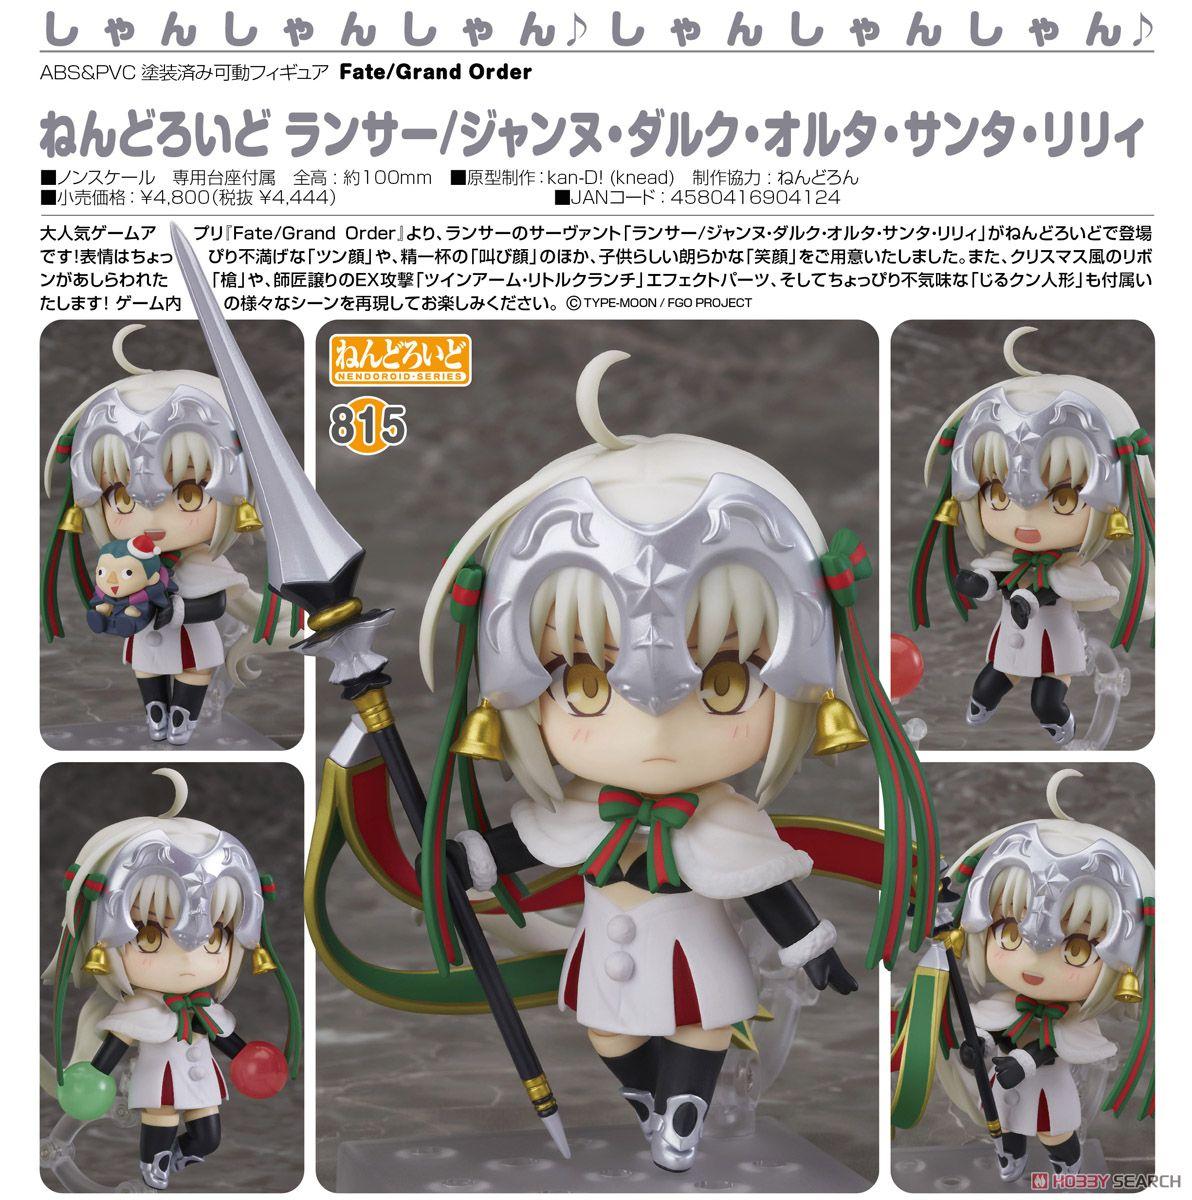 Nendoroid - Fate/Grand Order: Lancer/Jeanne d'Arc Alter Santa Lily